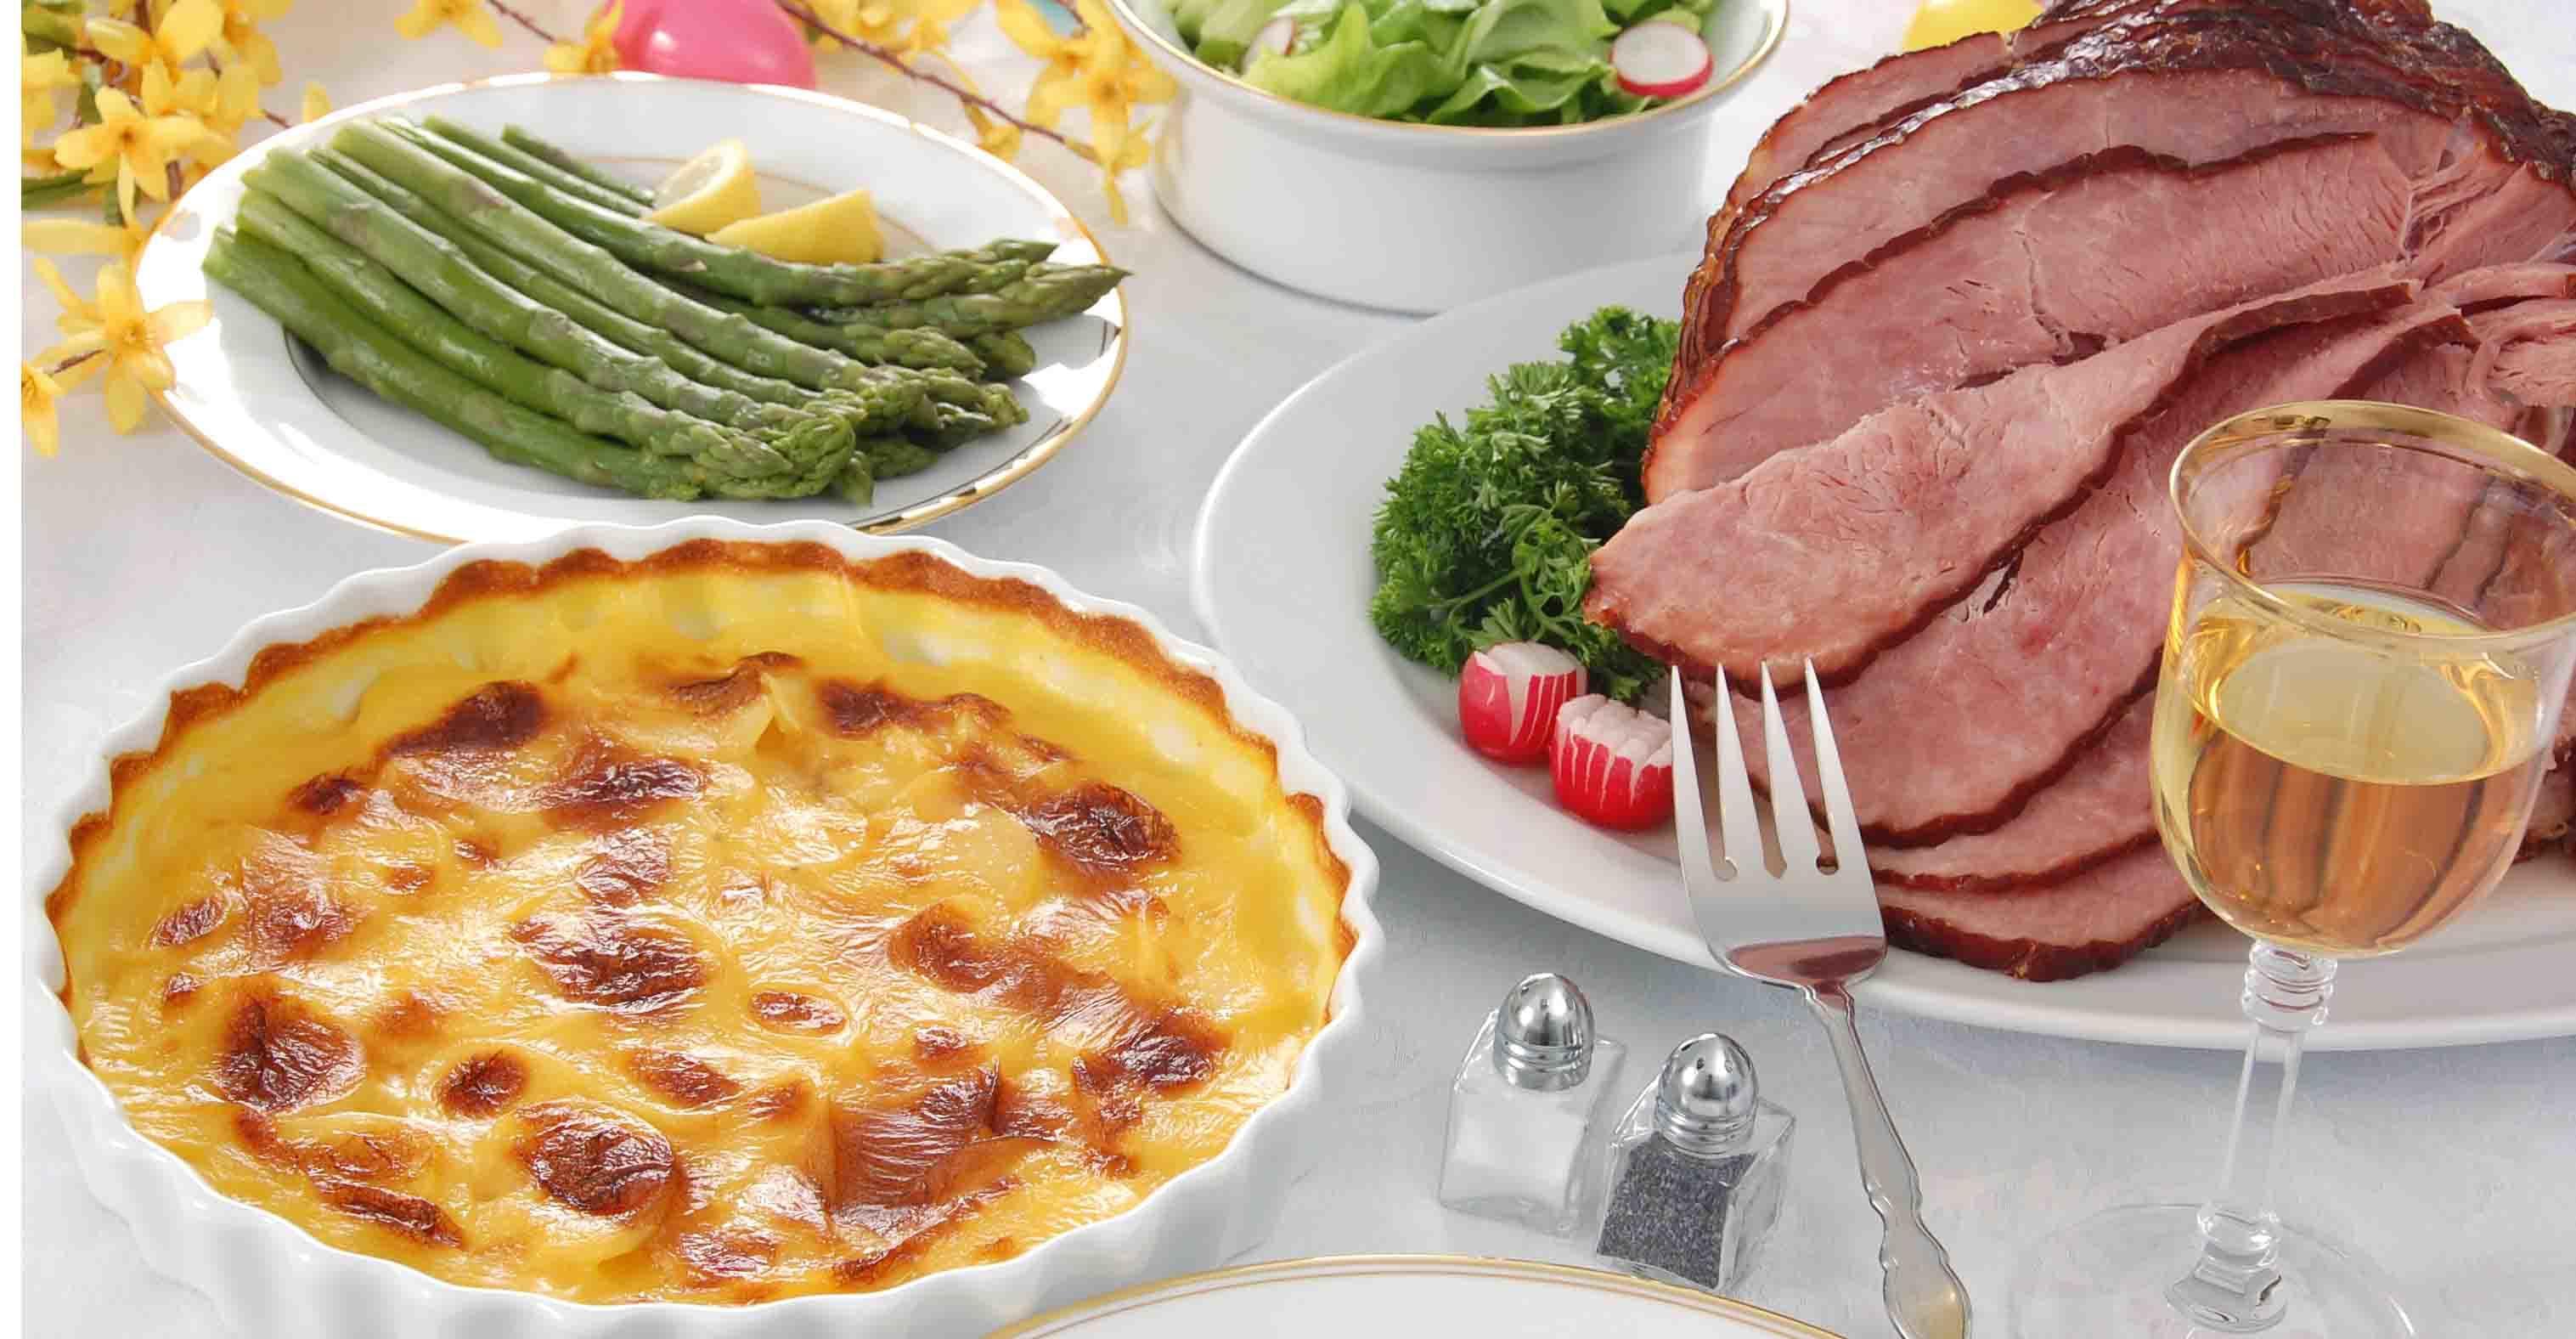 Restaurants Serving Easter Dinner  2019 Easter Sales Deals & Specials